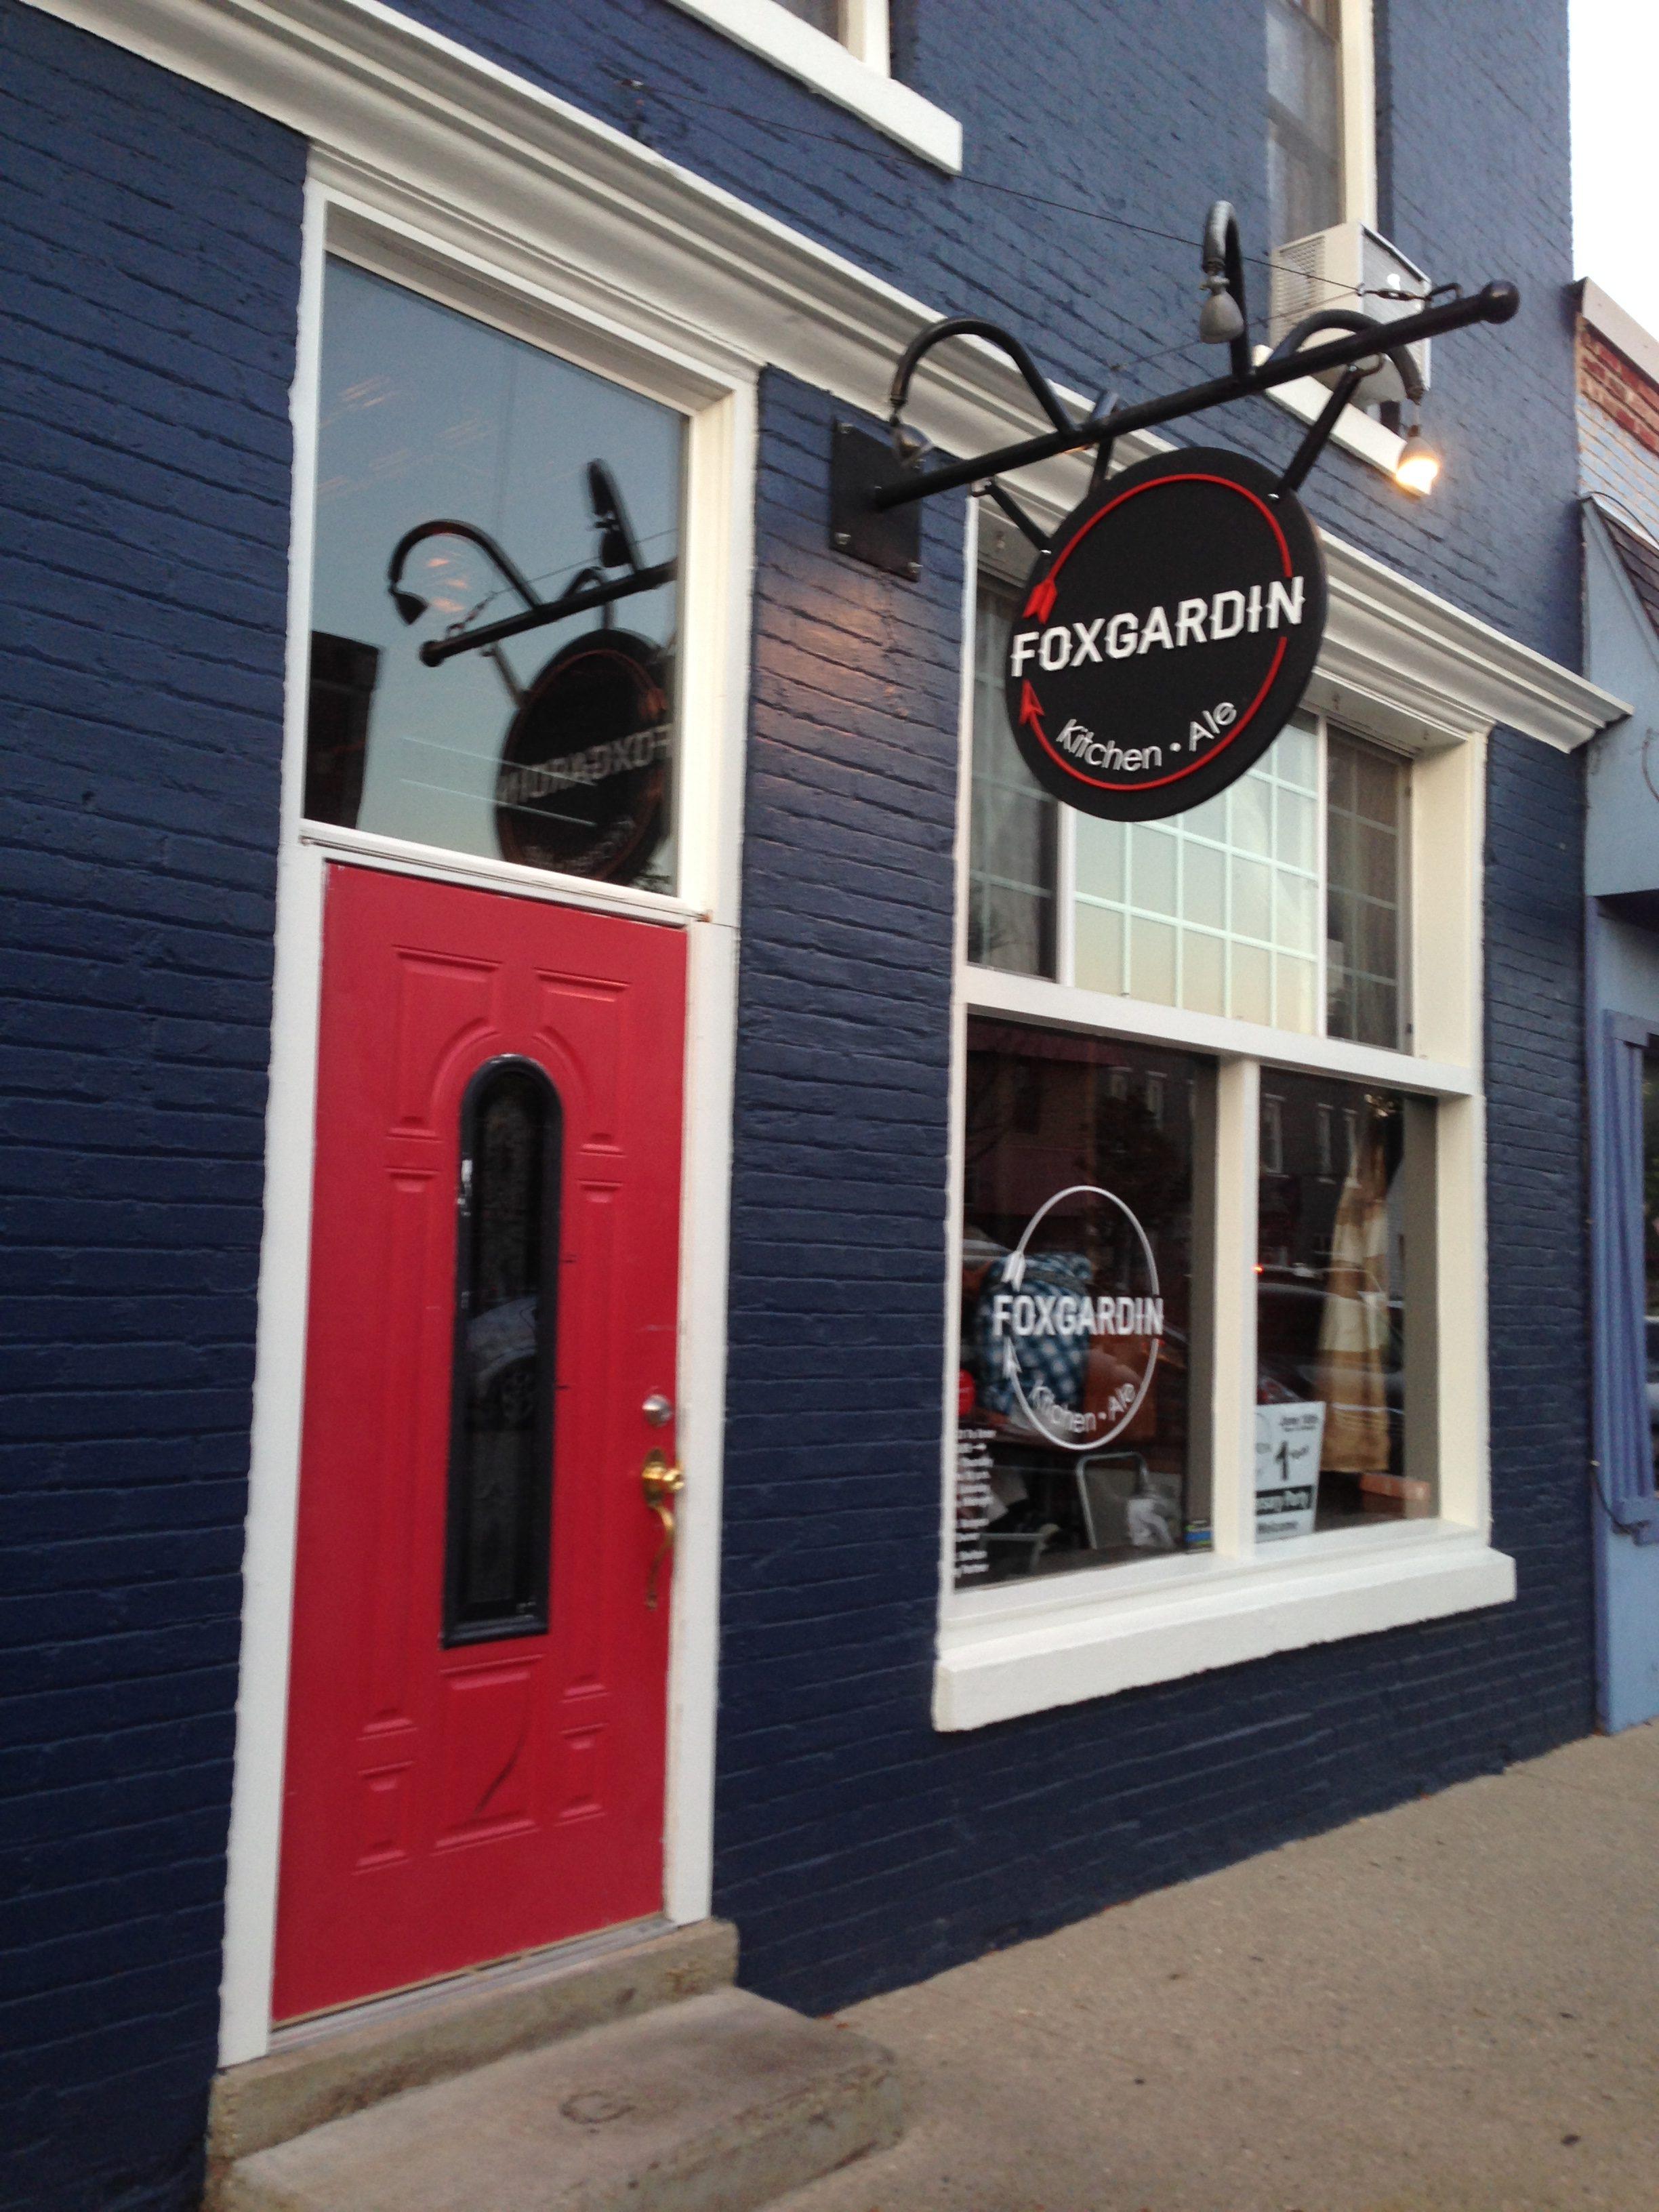 Foxgardin - Kitchen & Ale 215 S. Main St. Fortville, Indiana